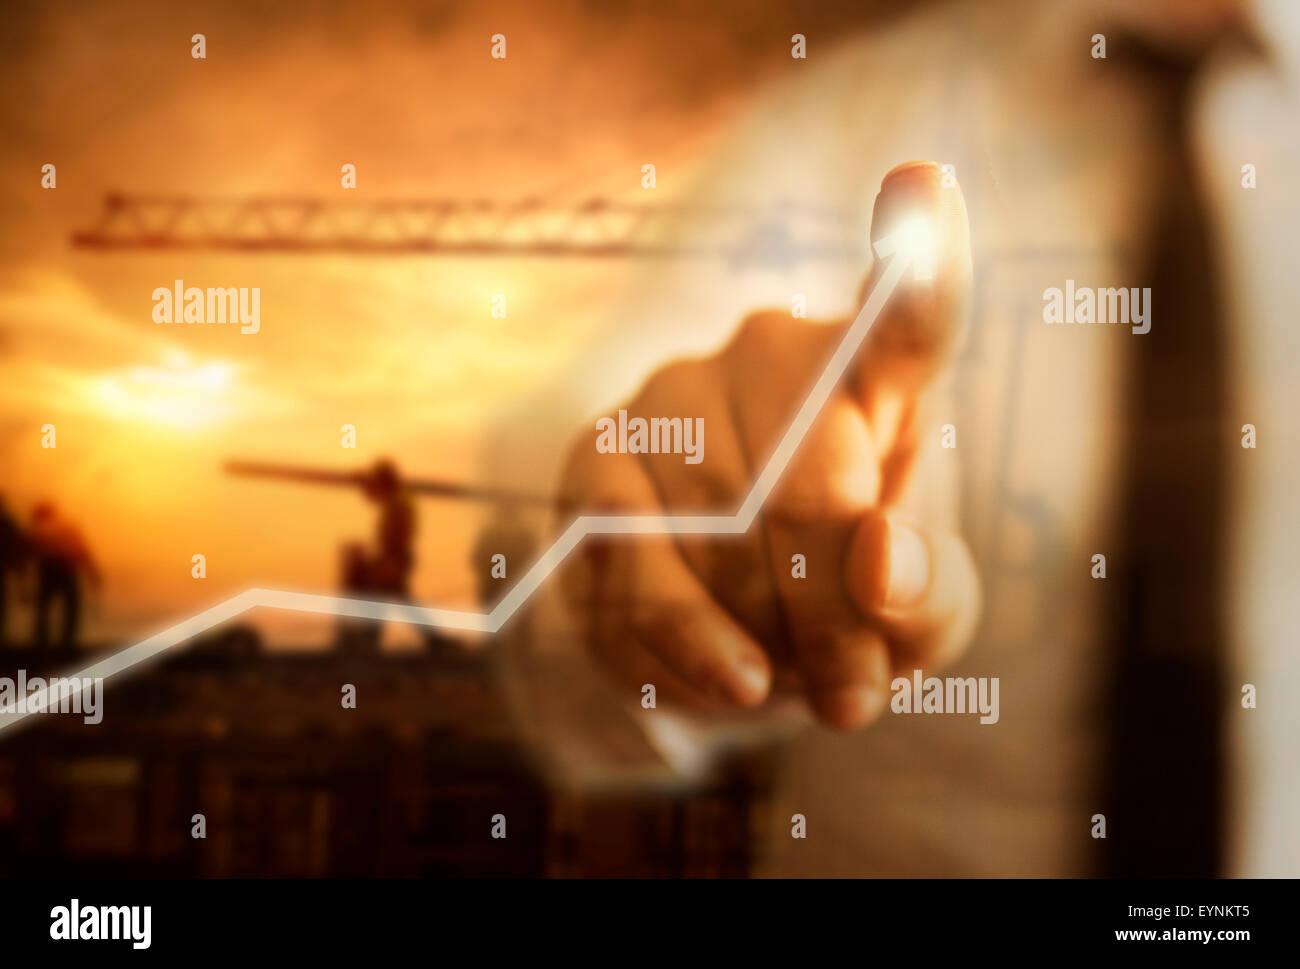 La croissance de l'entreprise Concept Photo Stock